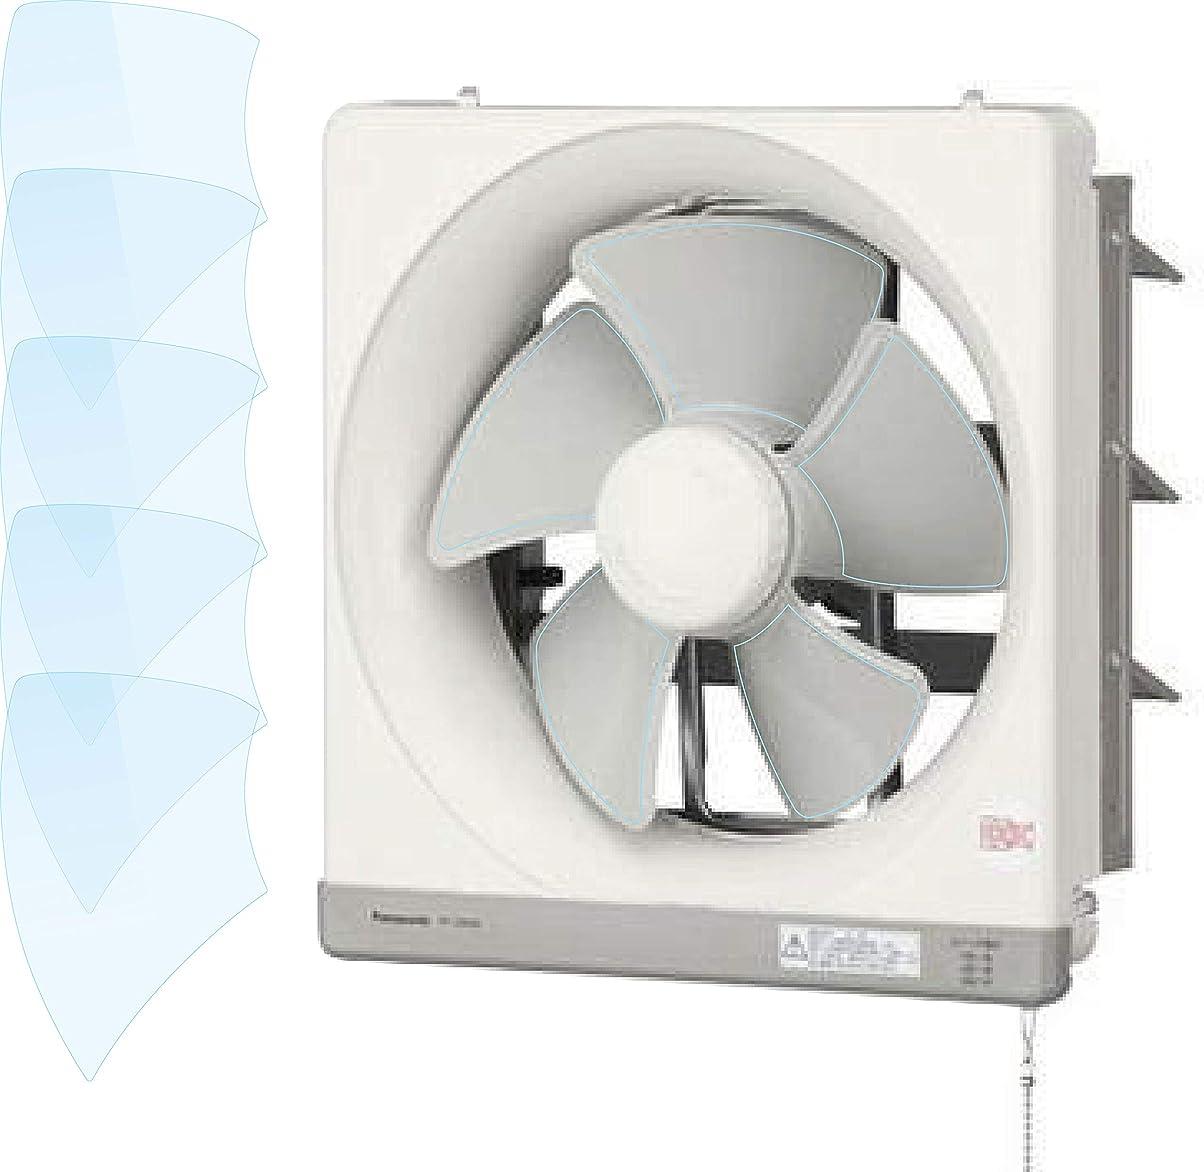 運動する寝室を掃除するデクリメント【IDクリエイト】換気扇汚れ防止フィルム 5枚入り FY-25M5/FY-25MH5/FY-25PM5/FY-25EM5/FY-25EJM5